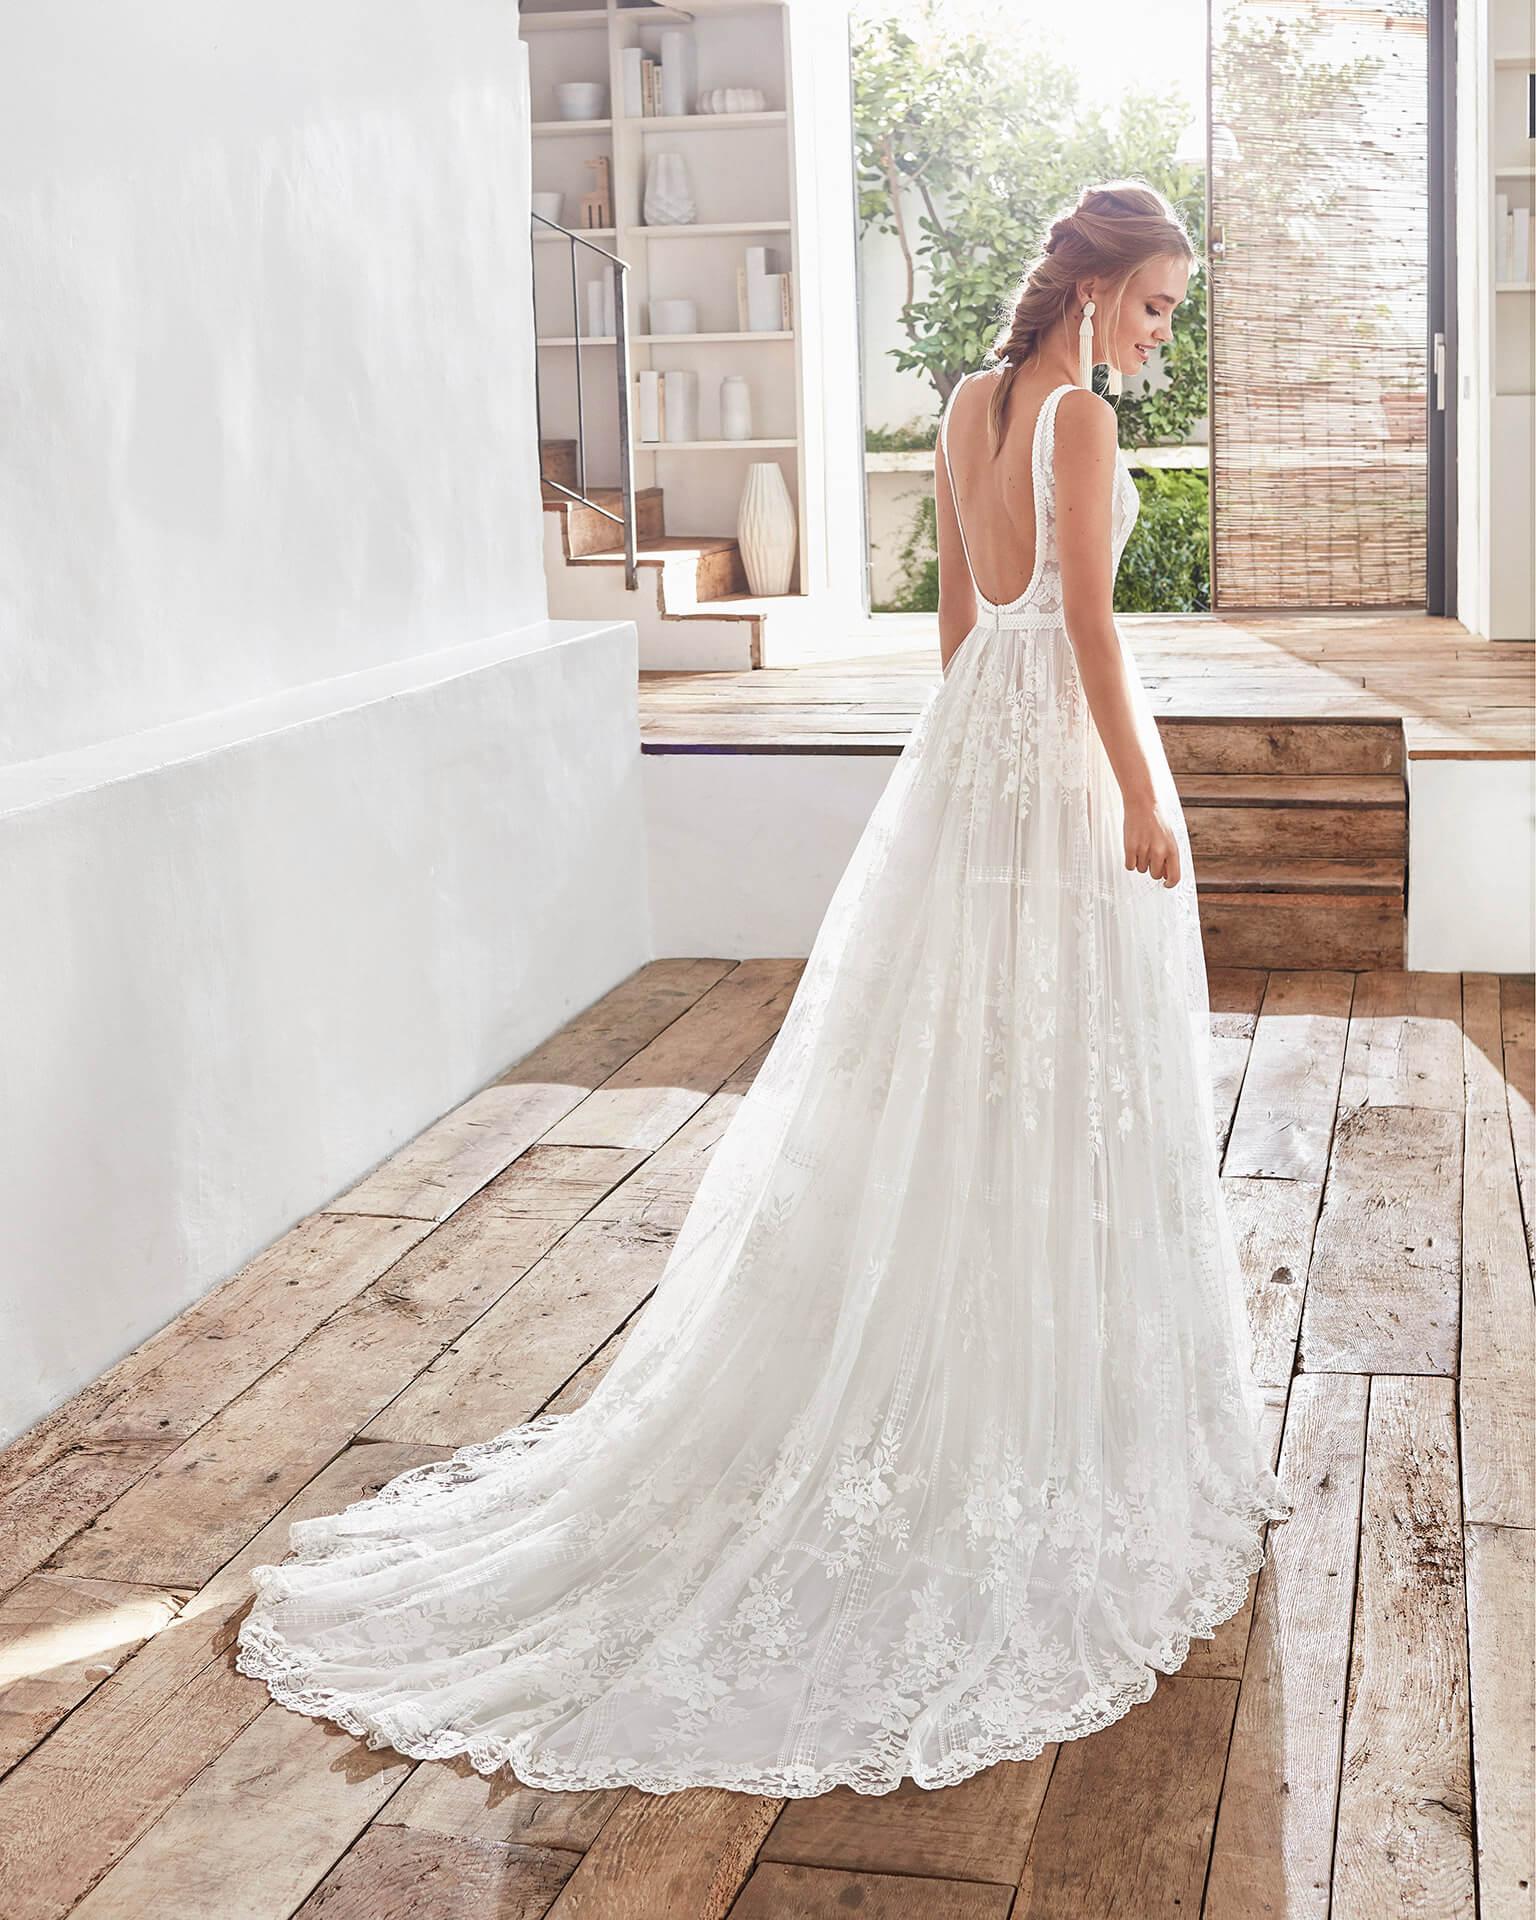 Blonde Braut in Brautkleid A-Linie Bohemian ärmellos in weißem Raum mit Holzboden und Fenster Rückenansicht